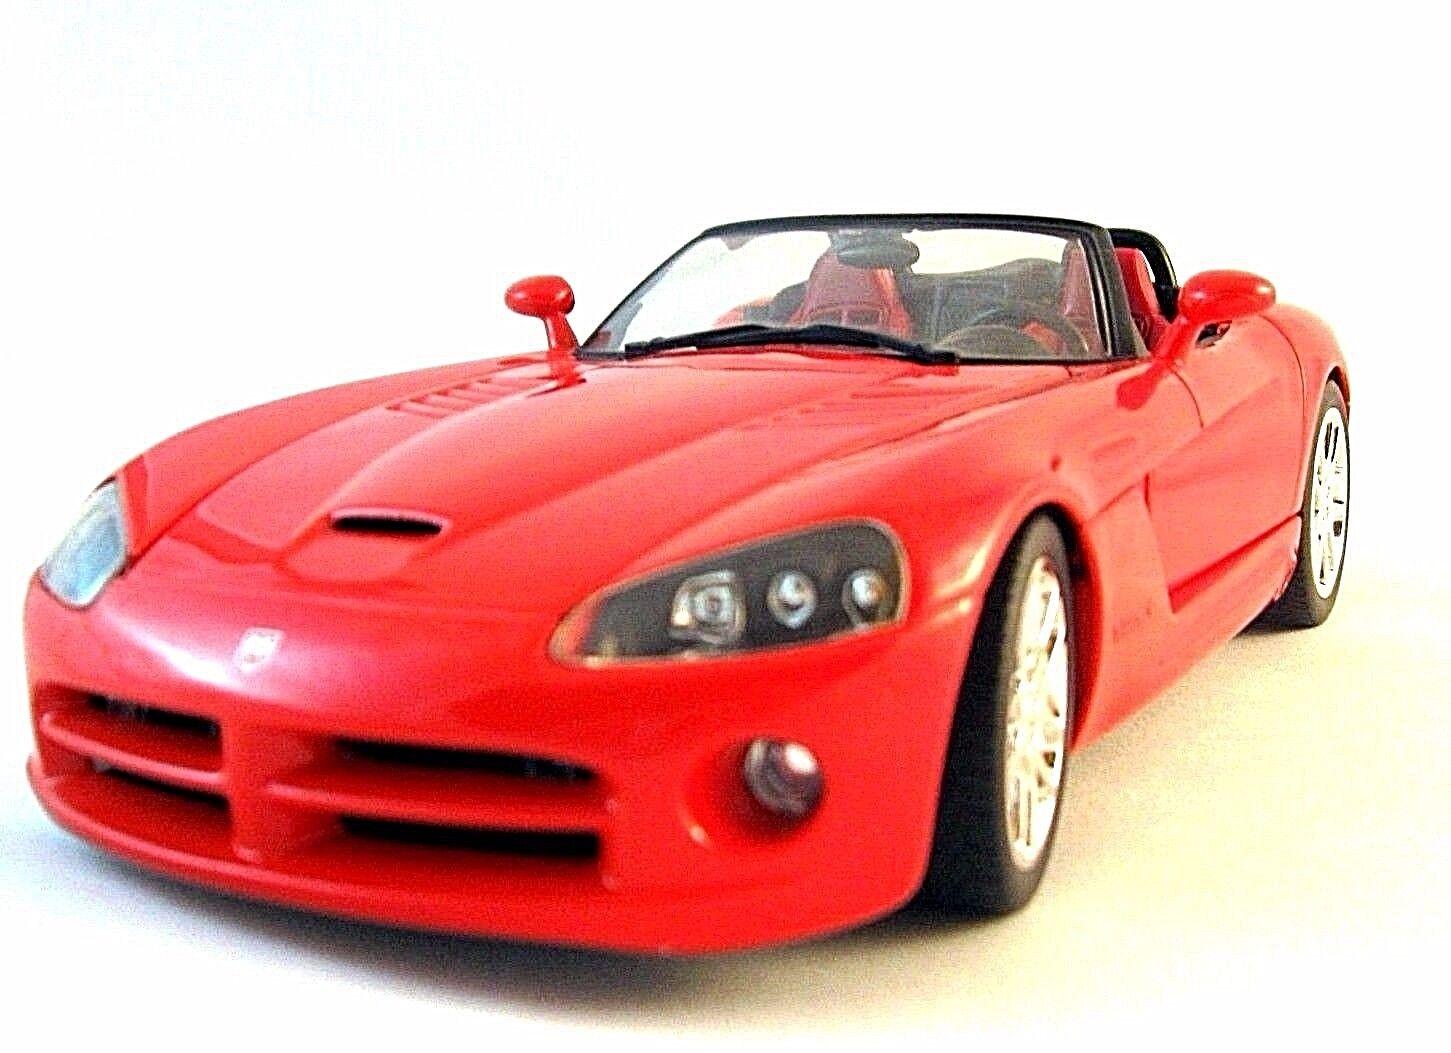 servicio considerado Dodge Viper Srt10 Roadster 1 18 Rojo Rojo Rojo Metálico, Hot Wheels Auto De Colección Modelo  seguro de calidad